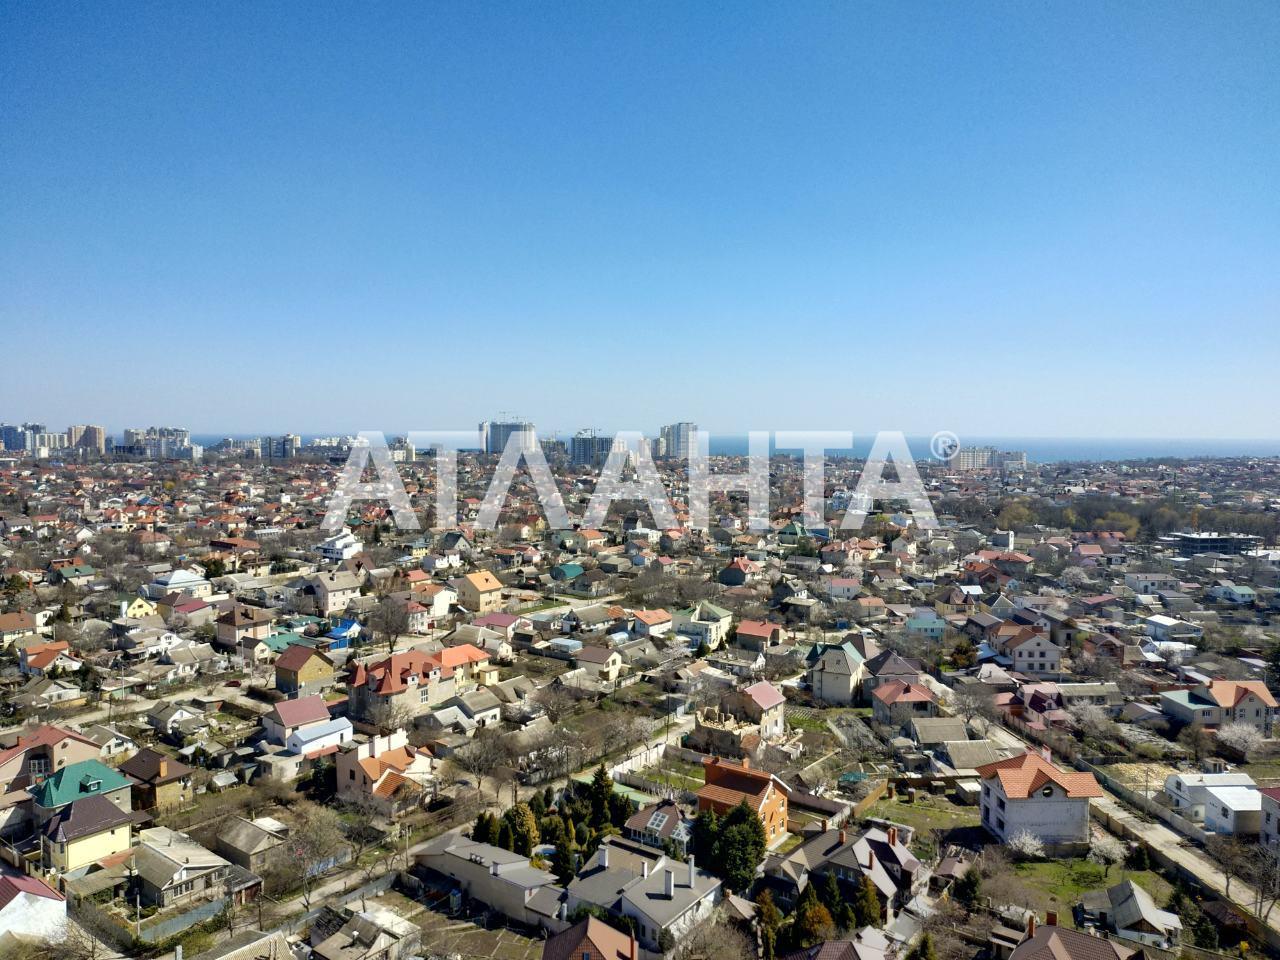 Продается 2-комнатная Квартира на ул. Жаботинского (Пролетарская) — 76 000 у.е. (фото №10)